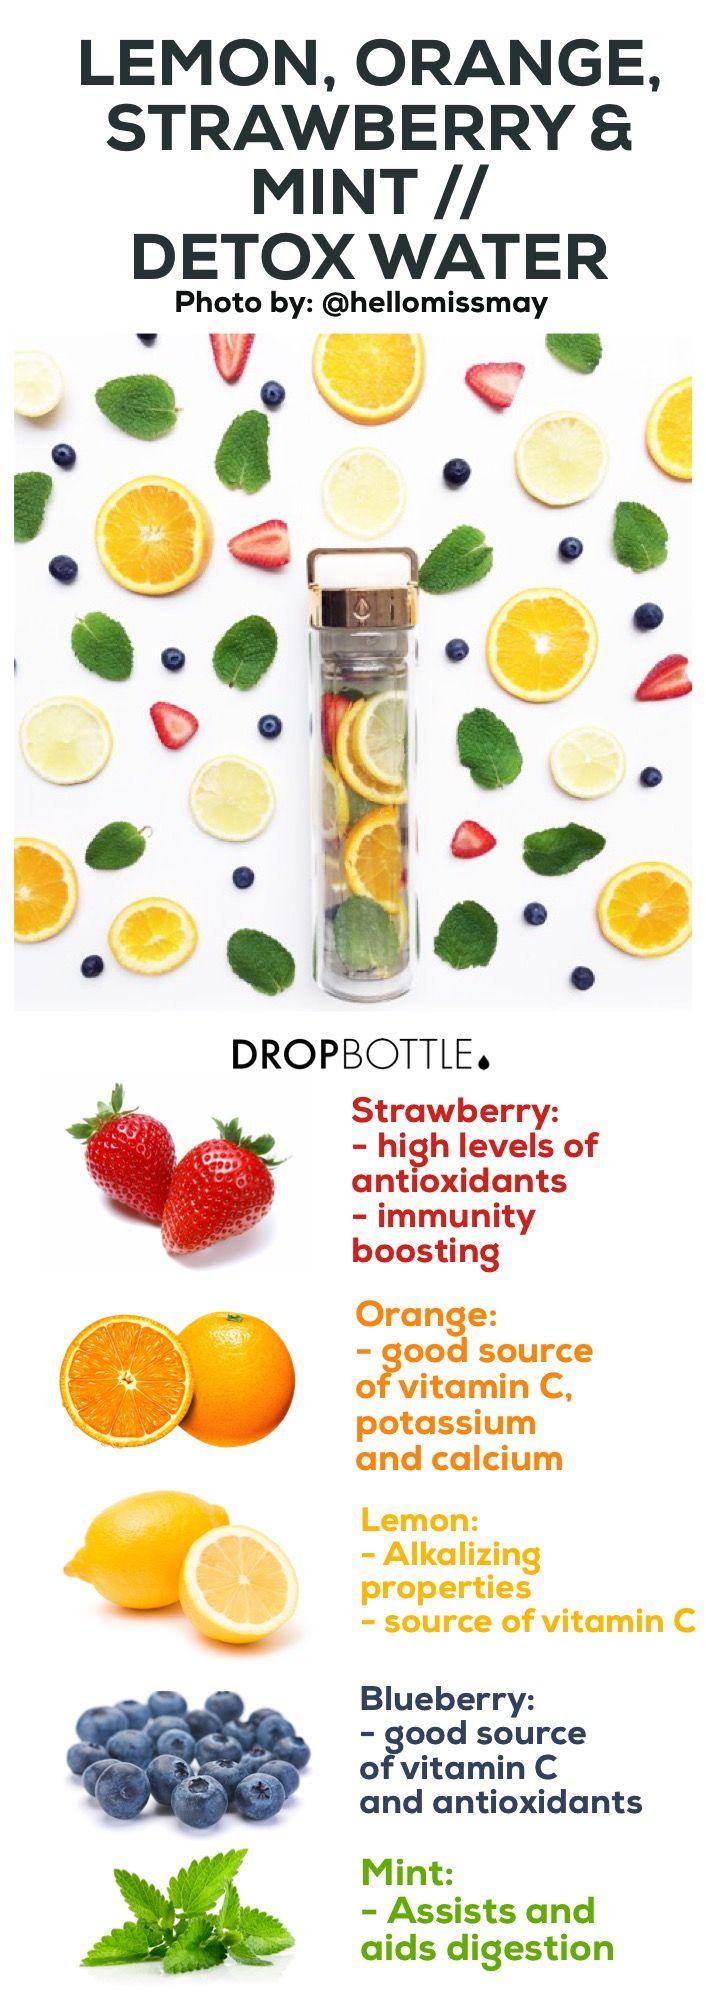 Detox with DROP bottle // Bottle from: www.dropbottle.co